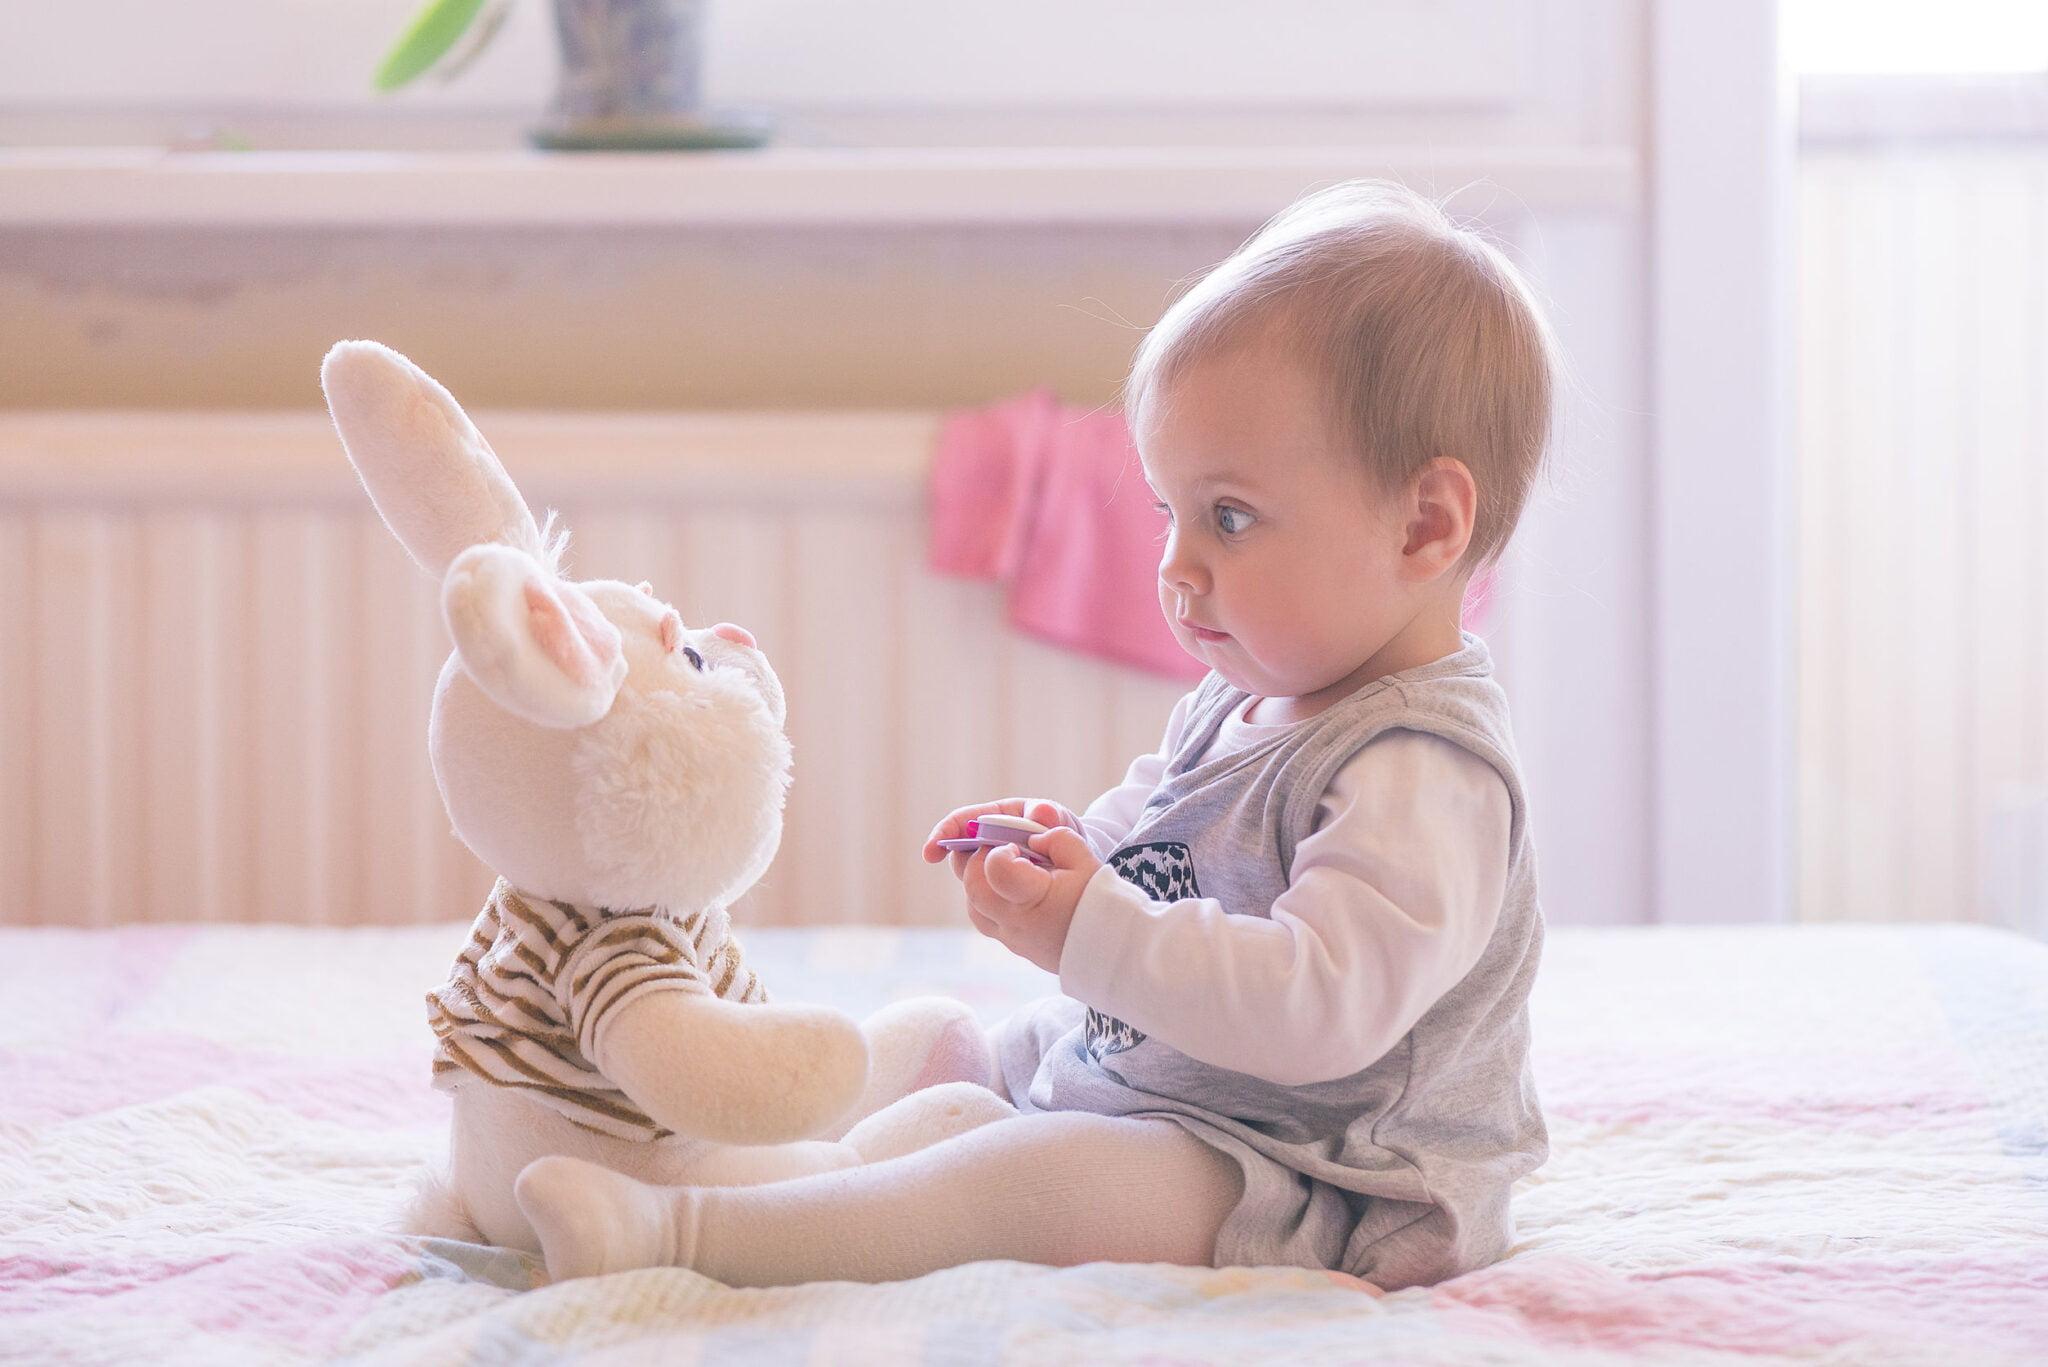 Baby leren zitten - Mamaliefde.nl